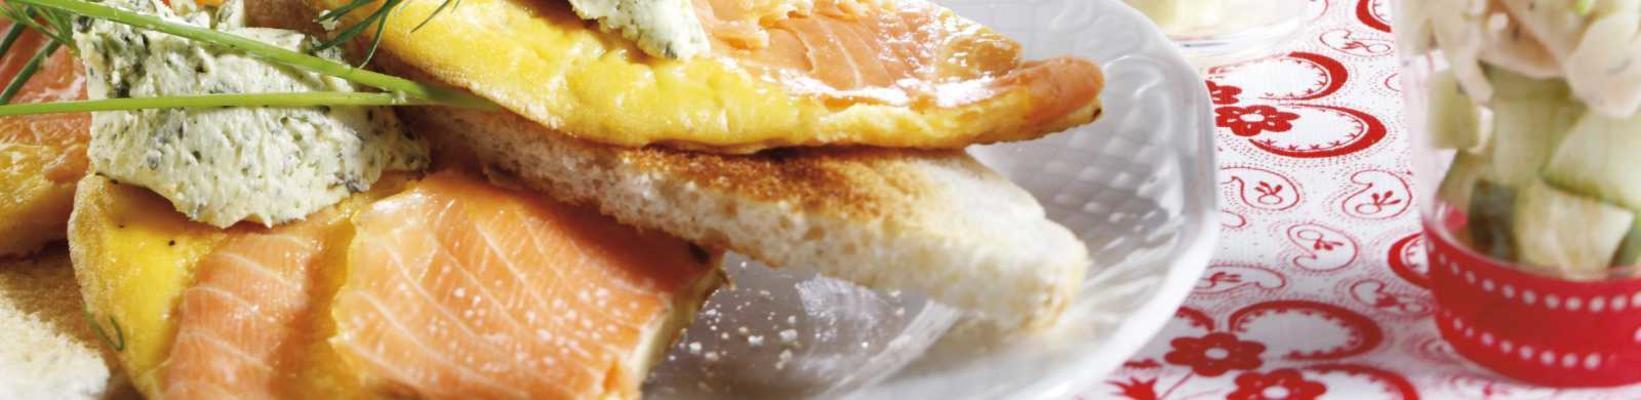 salmon omelette